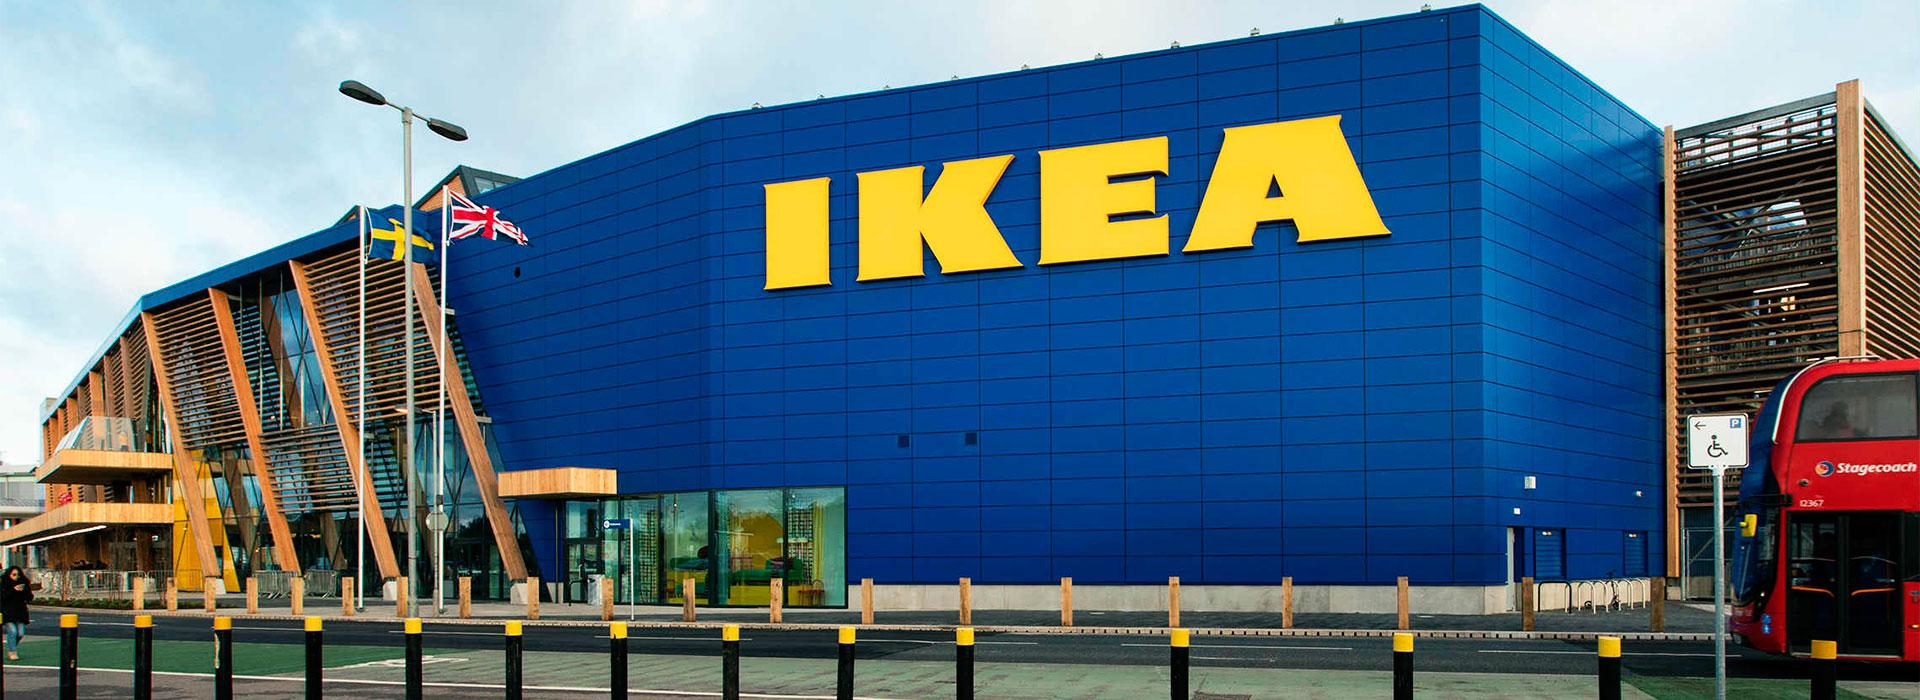 Как стать поставщиком ИКЕА, сотрудничество с магазинами IKEA